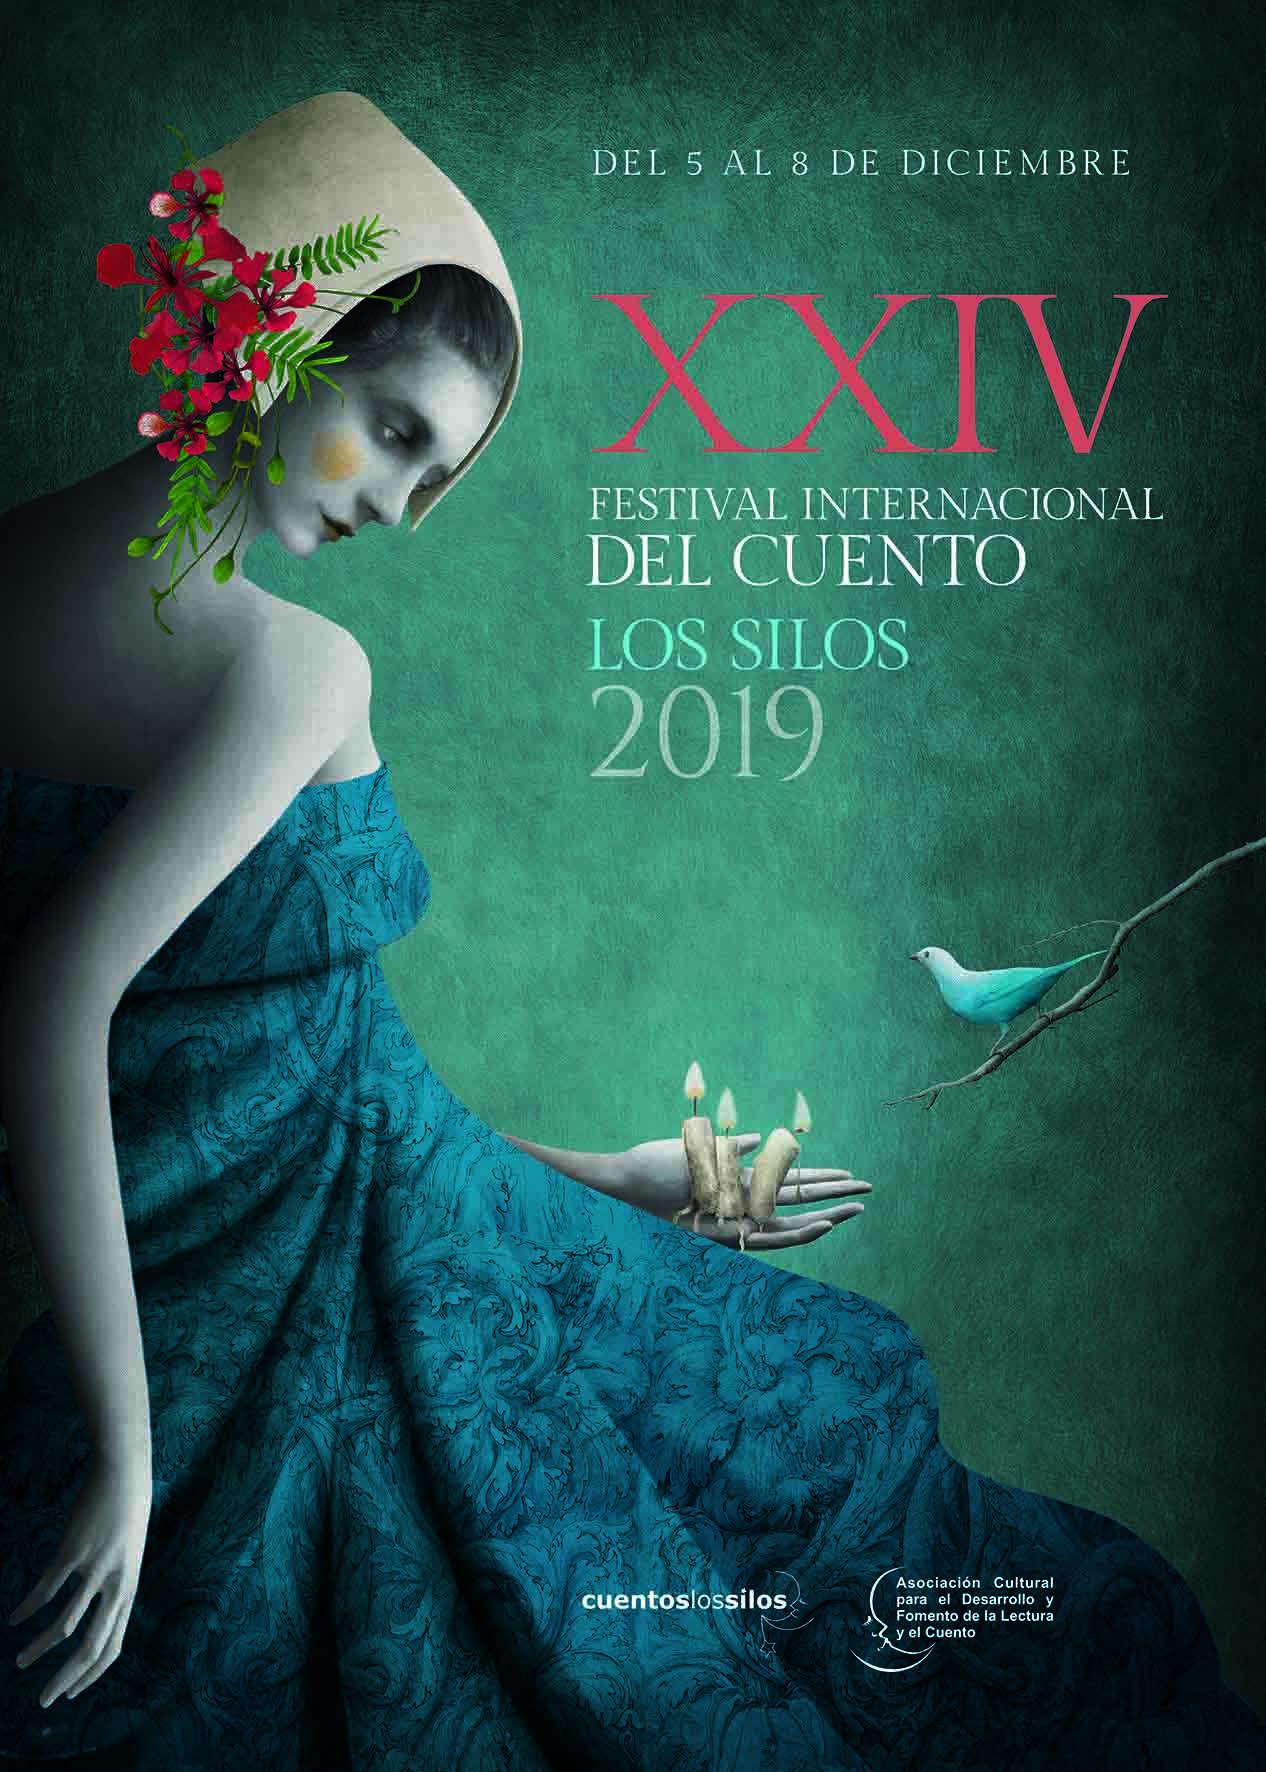 Festival Internacional del Cuento de Los Silos